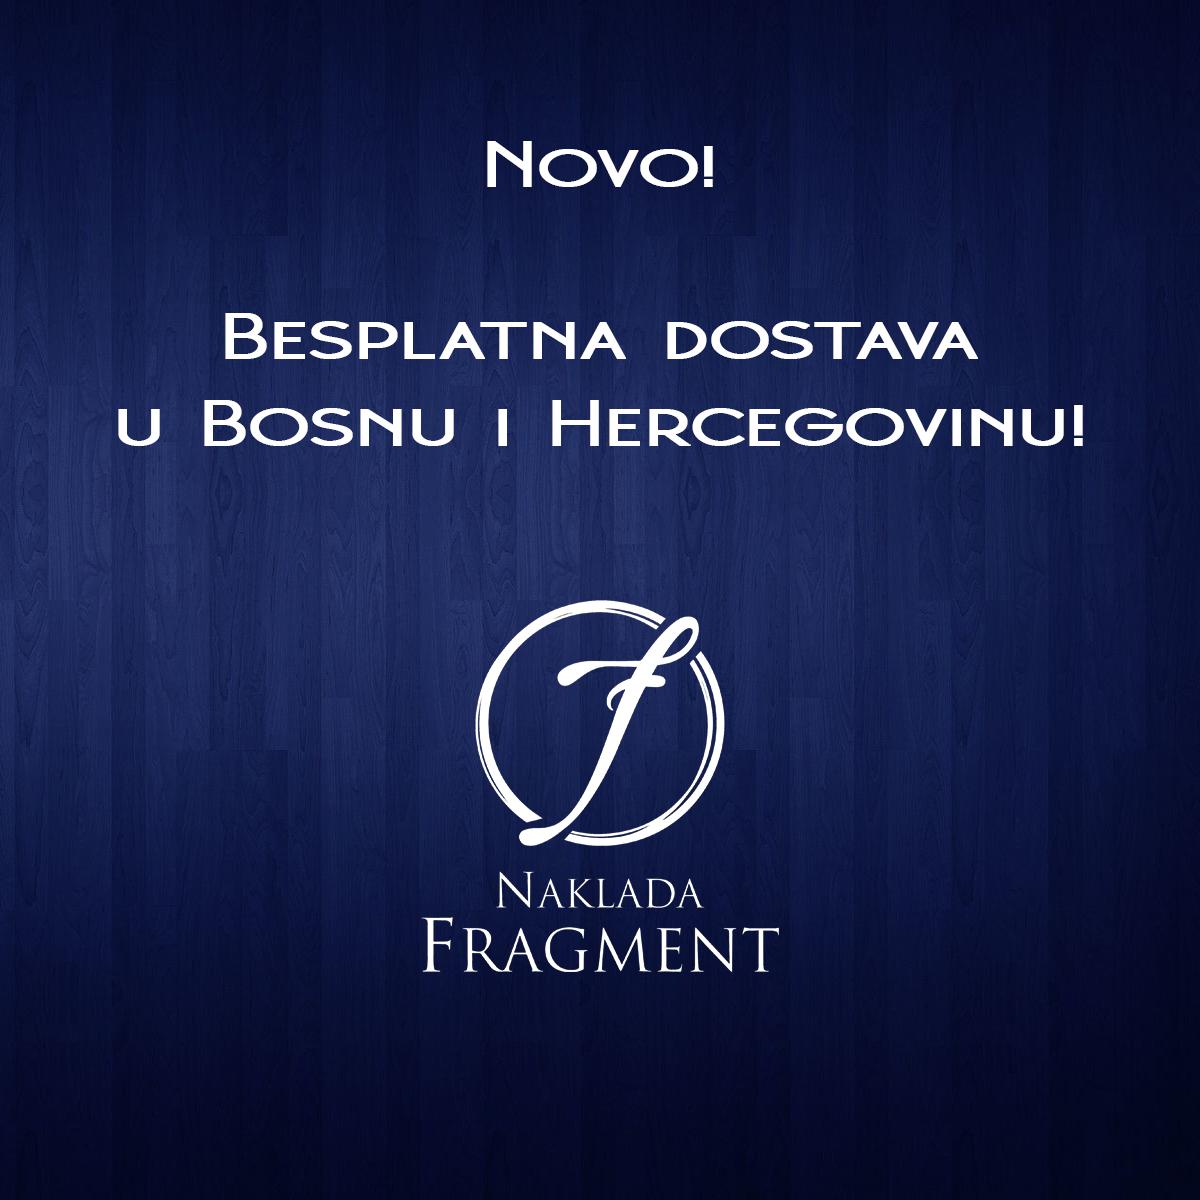 Besplatna Dostava U Bosnu I Hercegovinu!